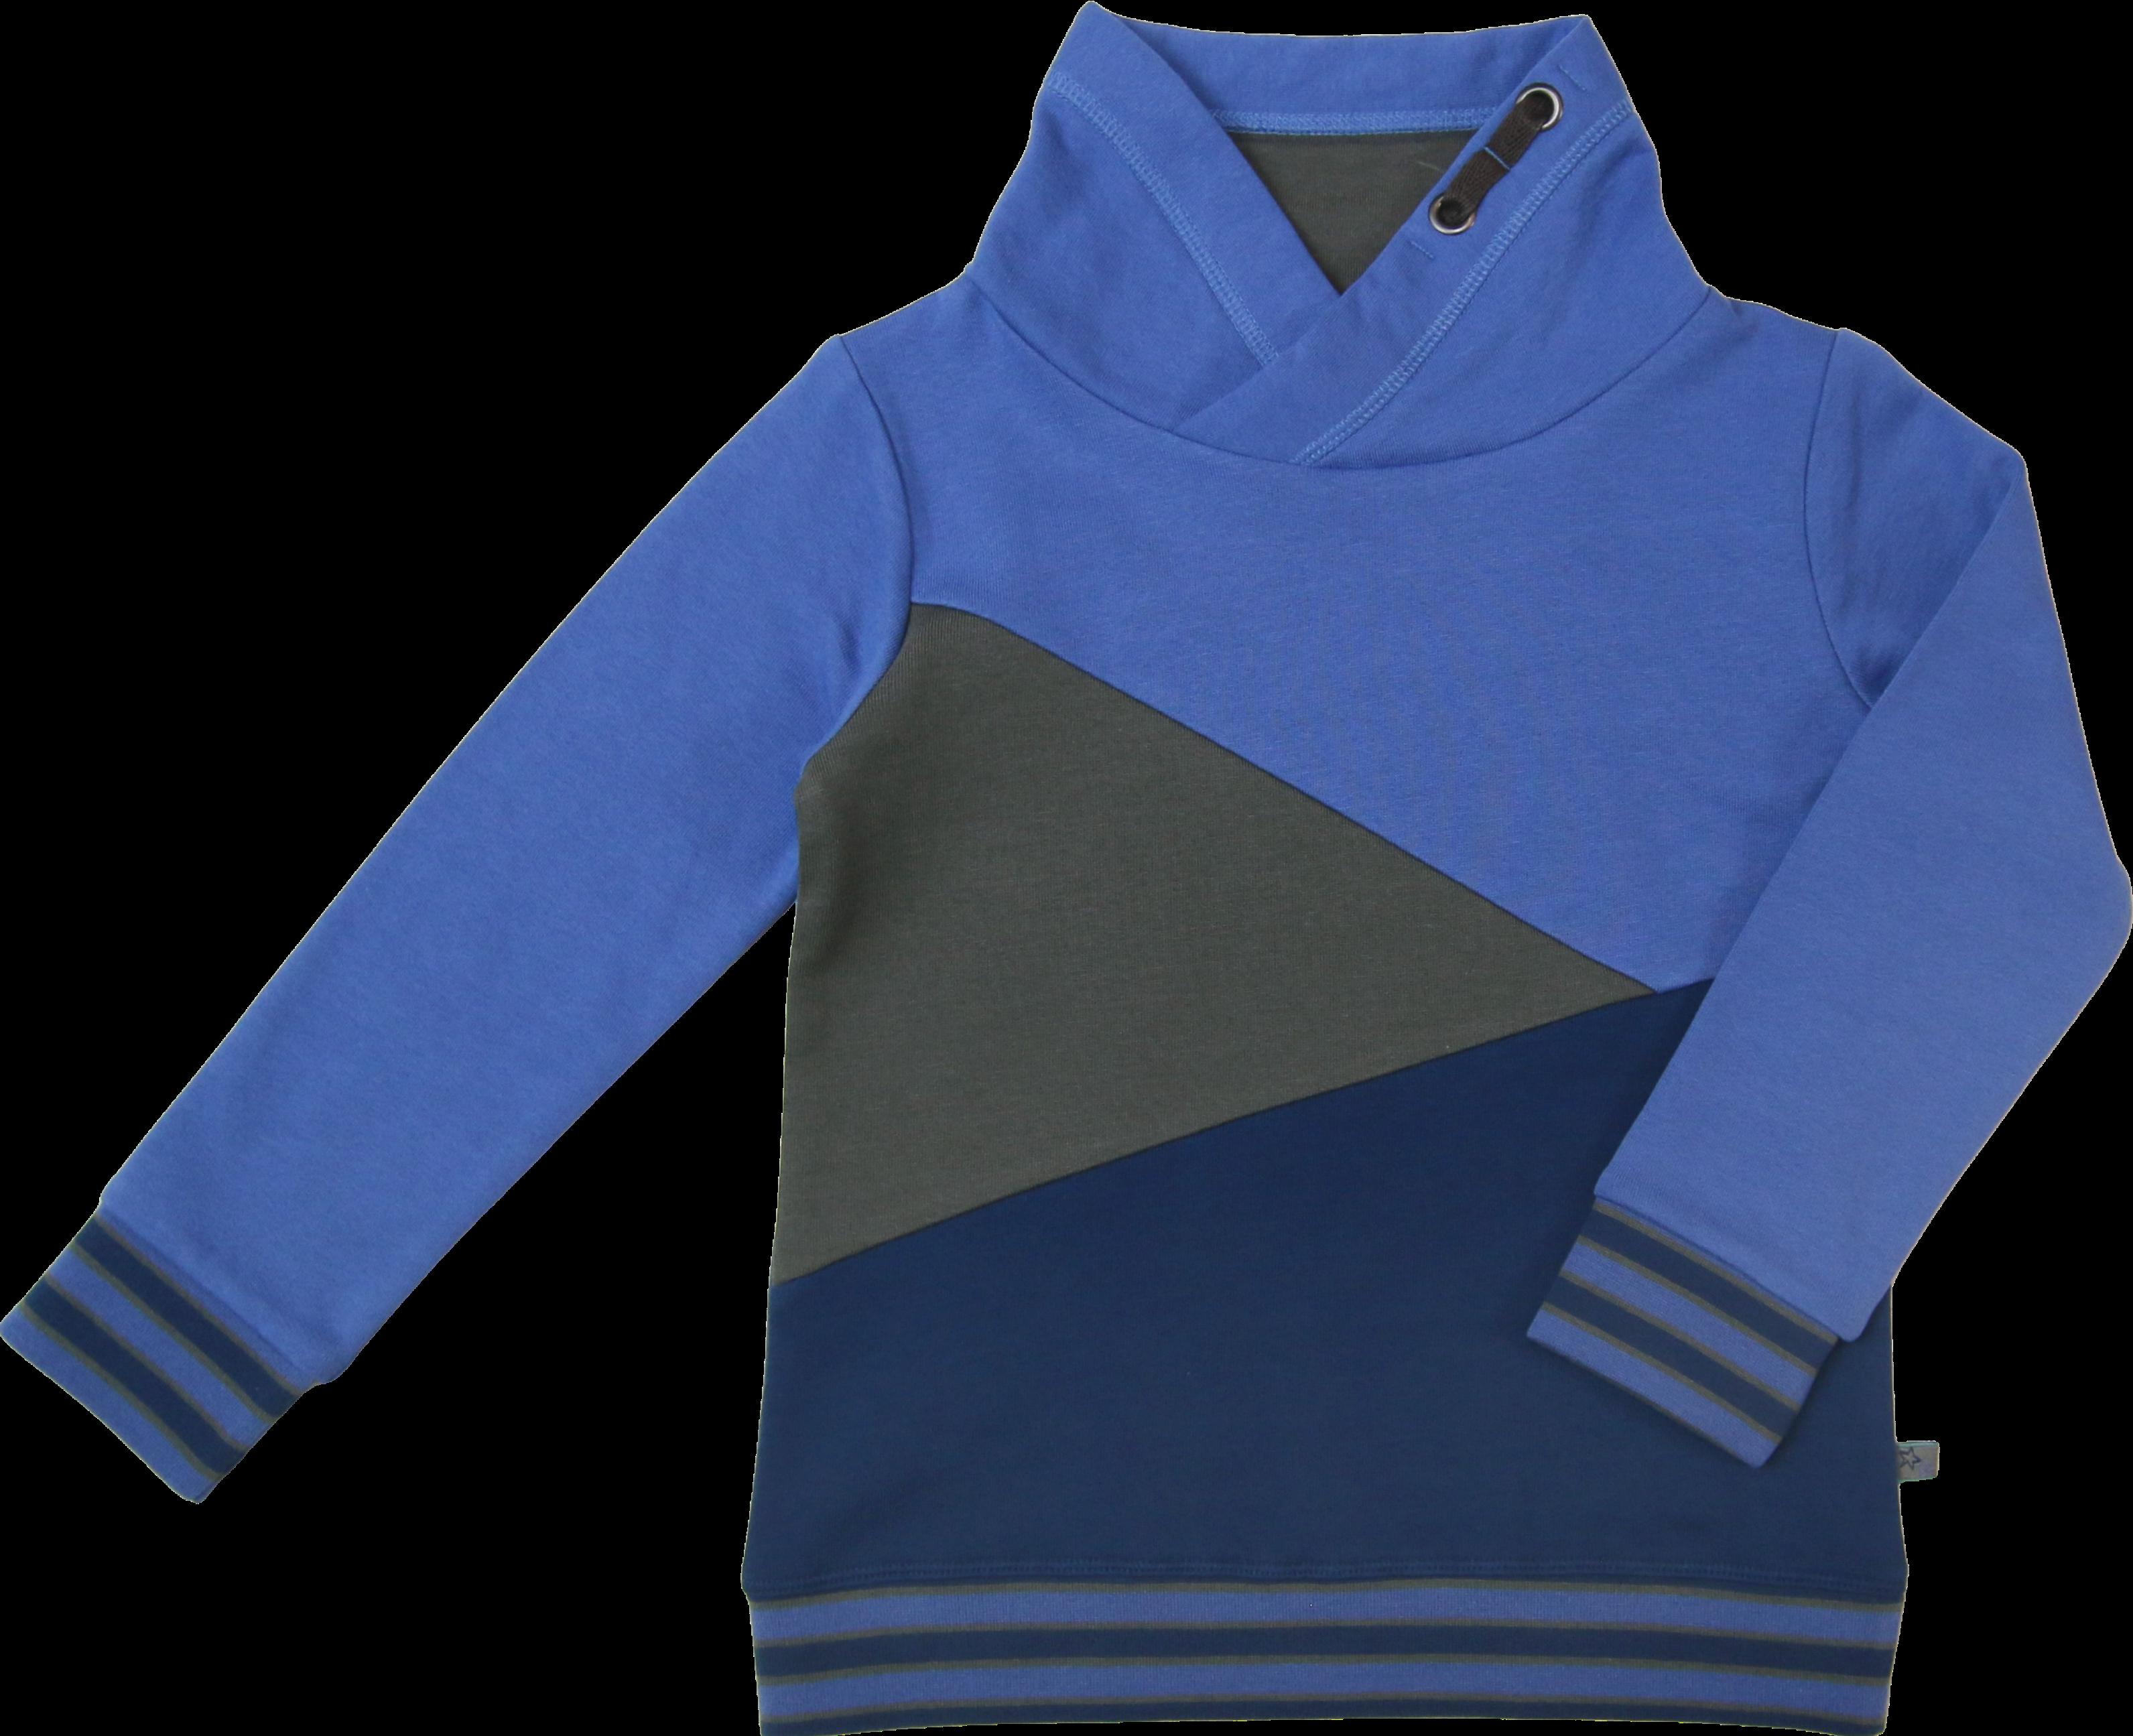 Kinder-Sweatshirt Colourblock tintenblau-himmelblau